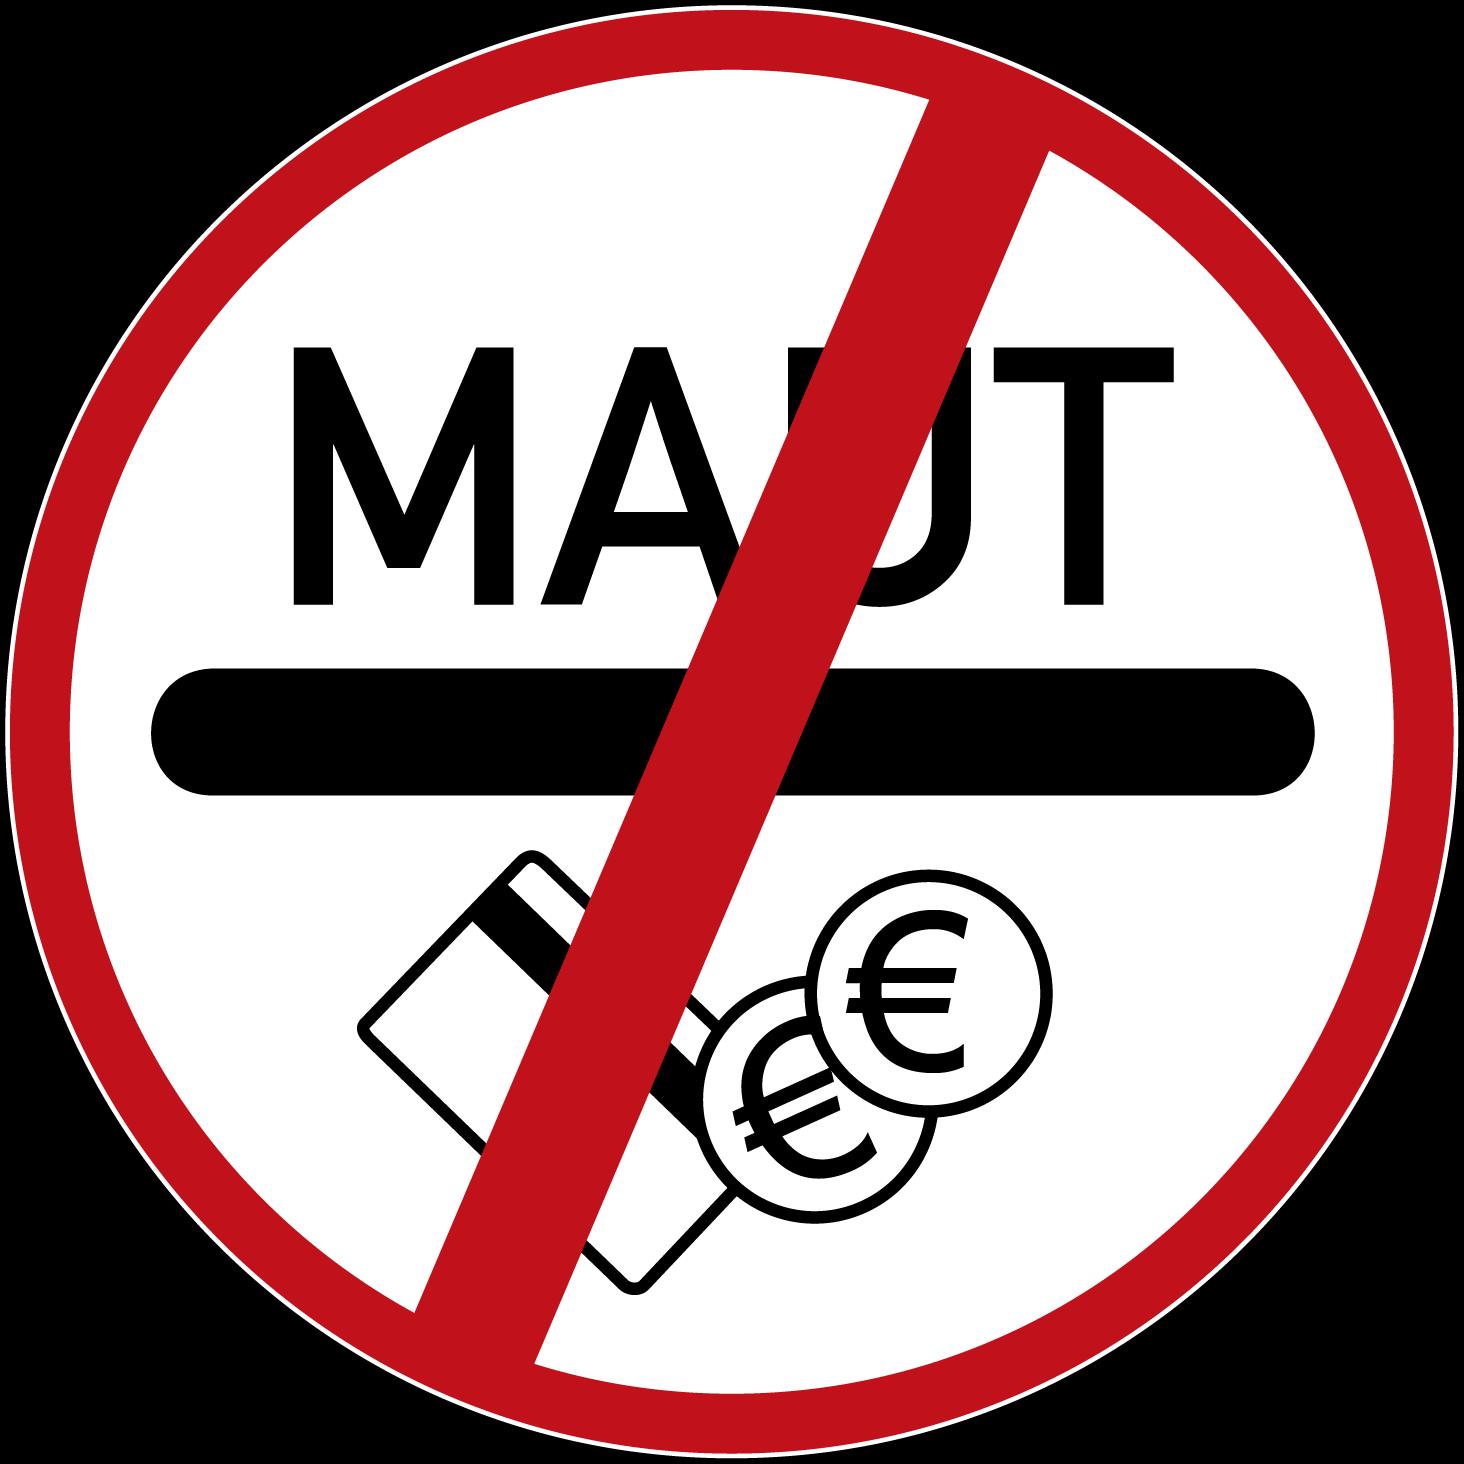 Maut deutschland Verkehr diskussion vertragsverletzungsverfahren EU strassenbenutzung Autobahnen Abzocke Ungleichbehandlung